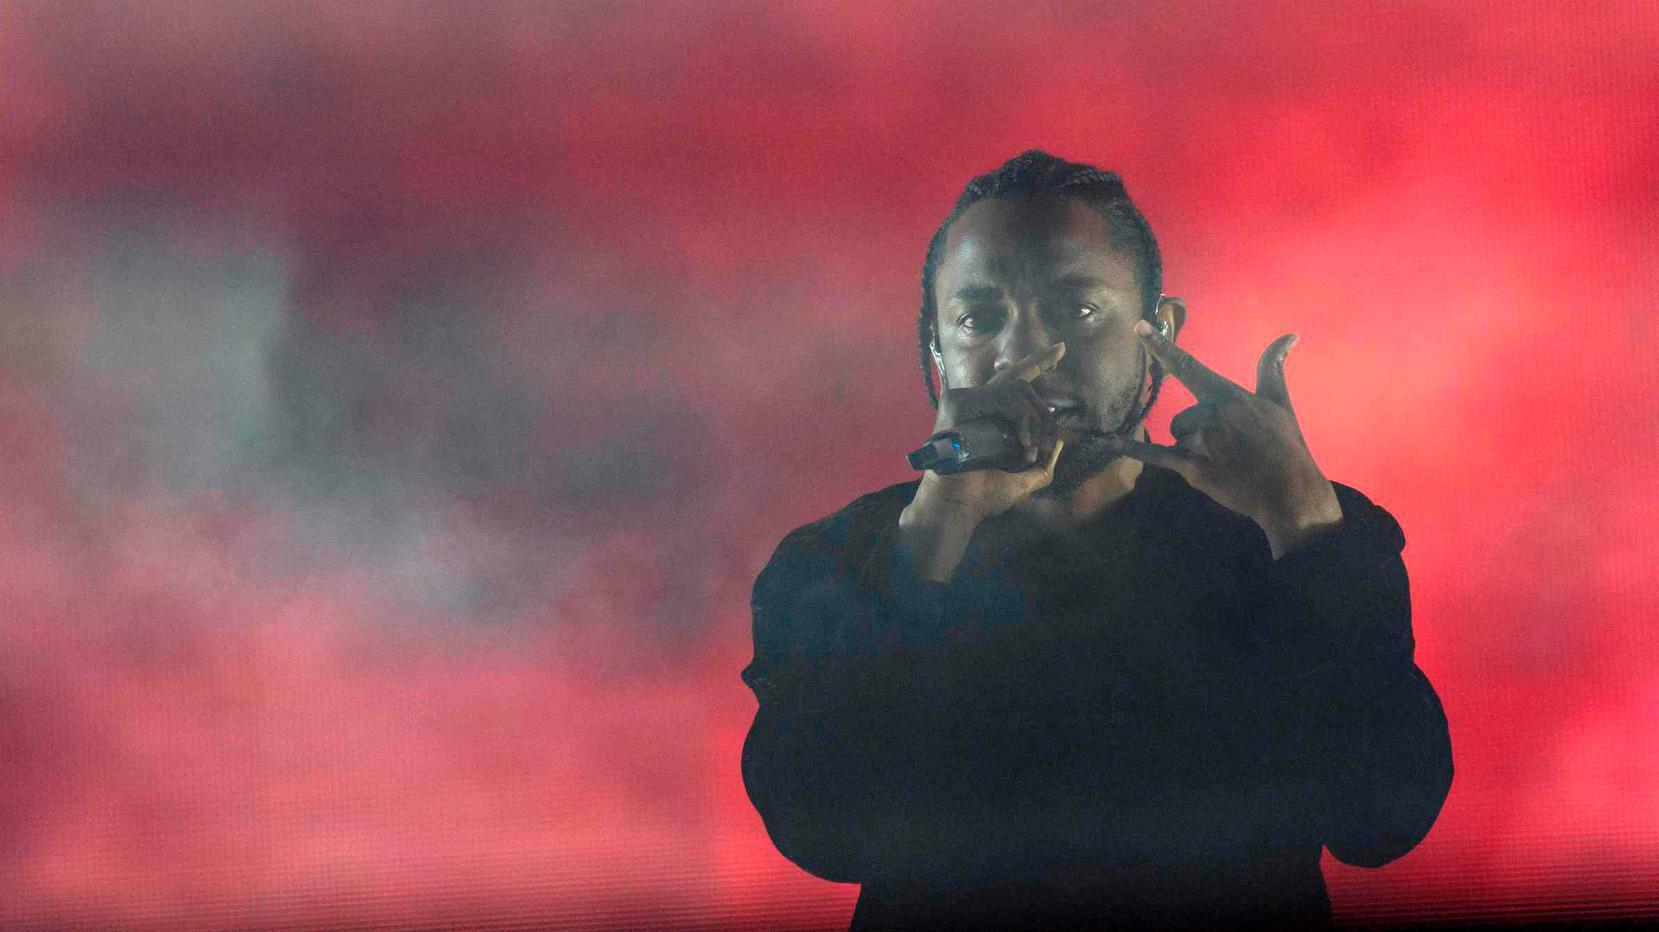 Bijna griezelig hoe gemakkelijk het Kendrick Lamar afgaat